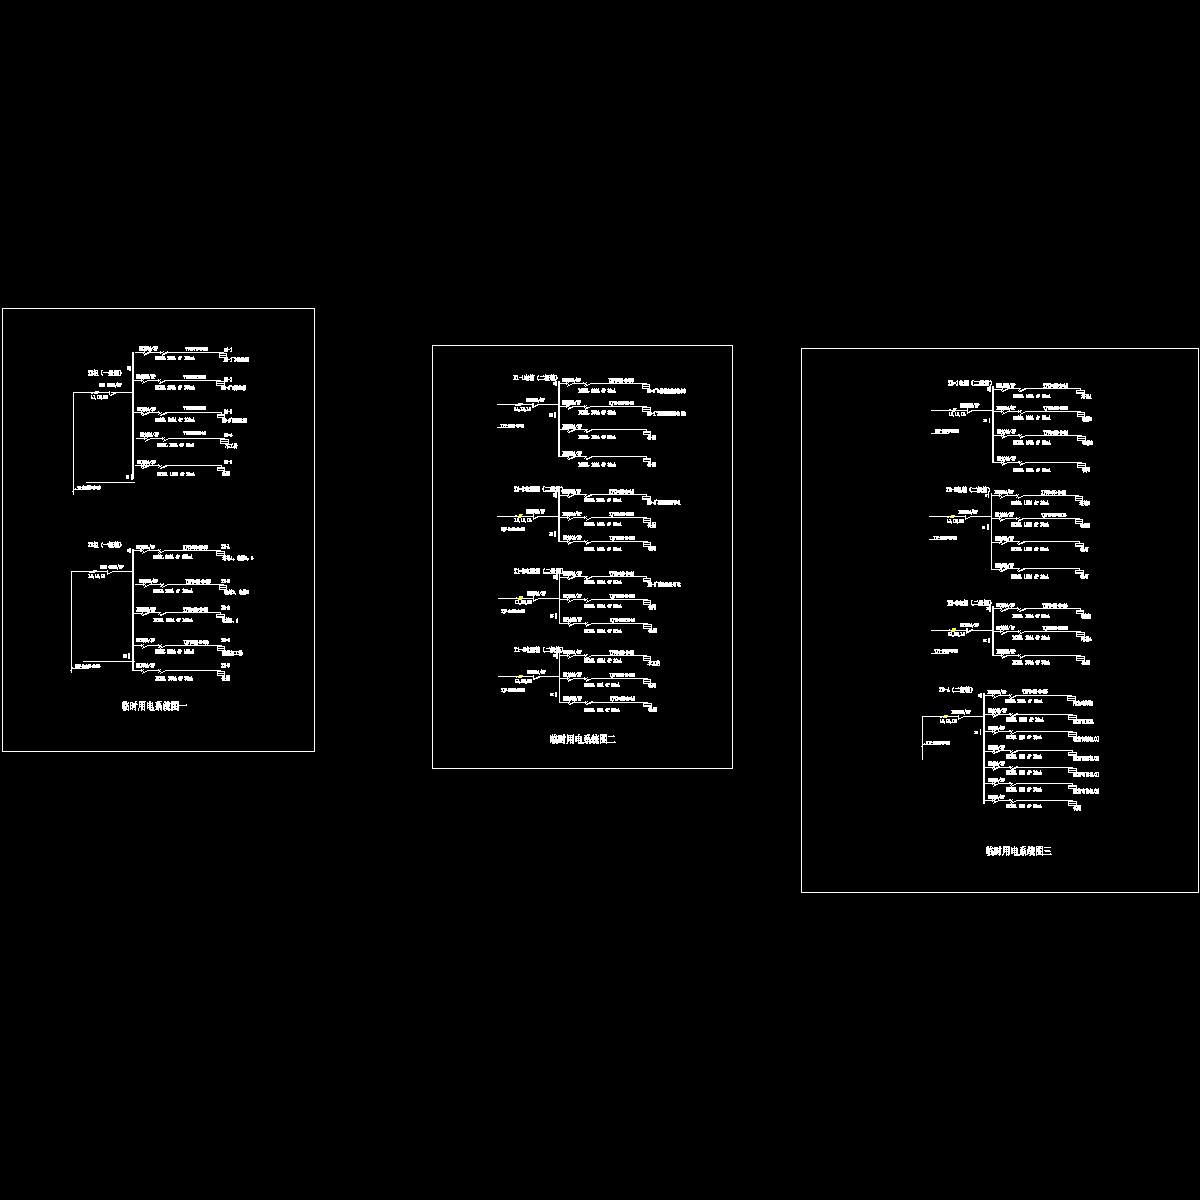 临电系统图xiugai.dwg